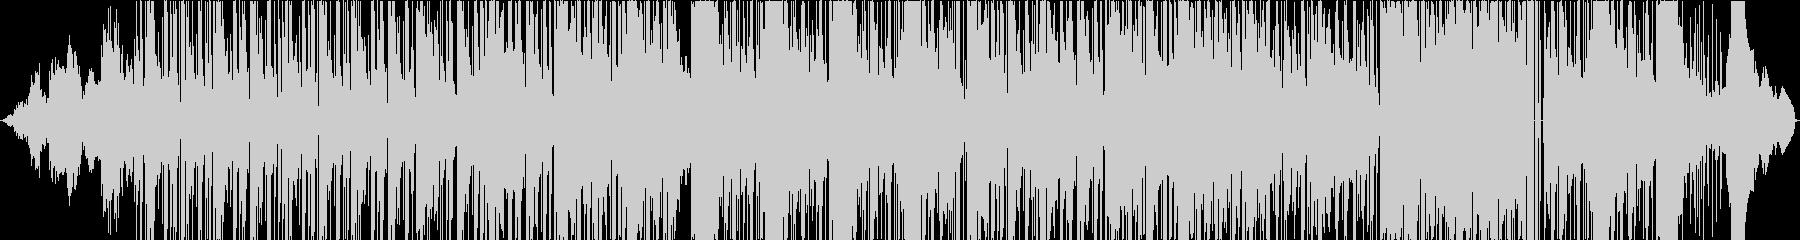 オシャレなギターが特徴的なファンク曲の未再生の波形